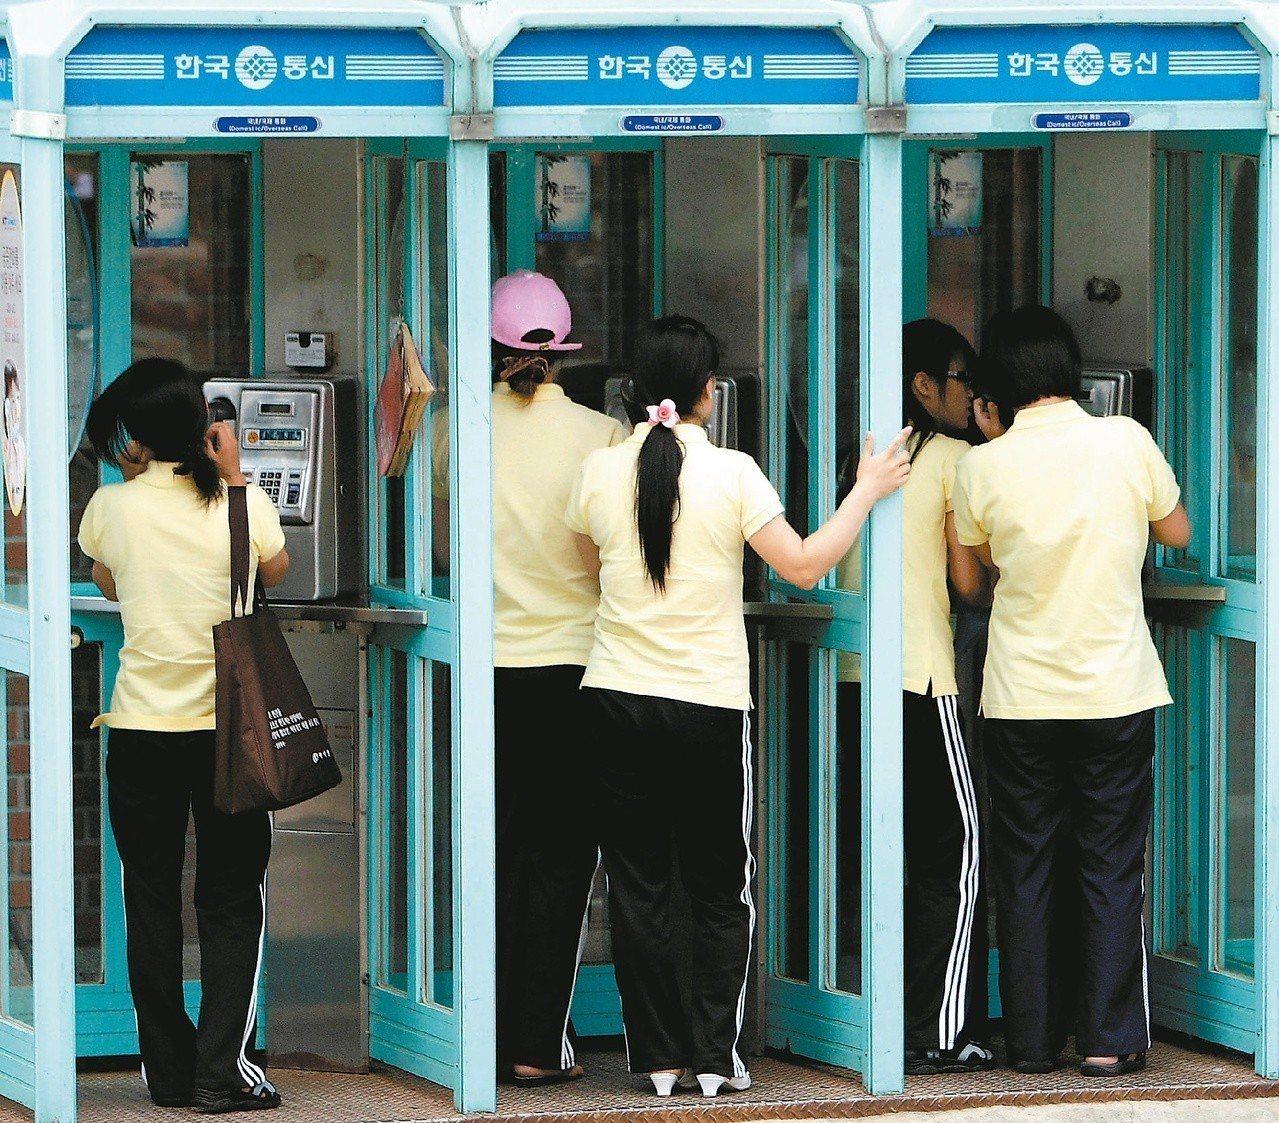 數名女性脫北者在首爾以南的安城脫北者輔導培訓中心打公共電話。美聯社